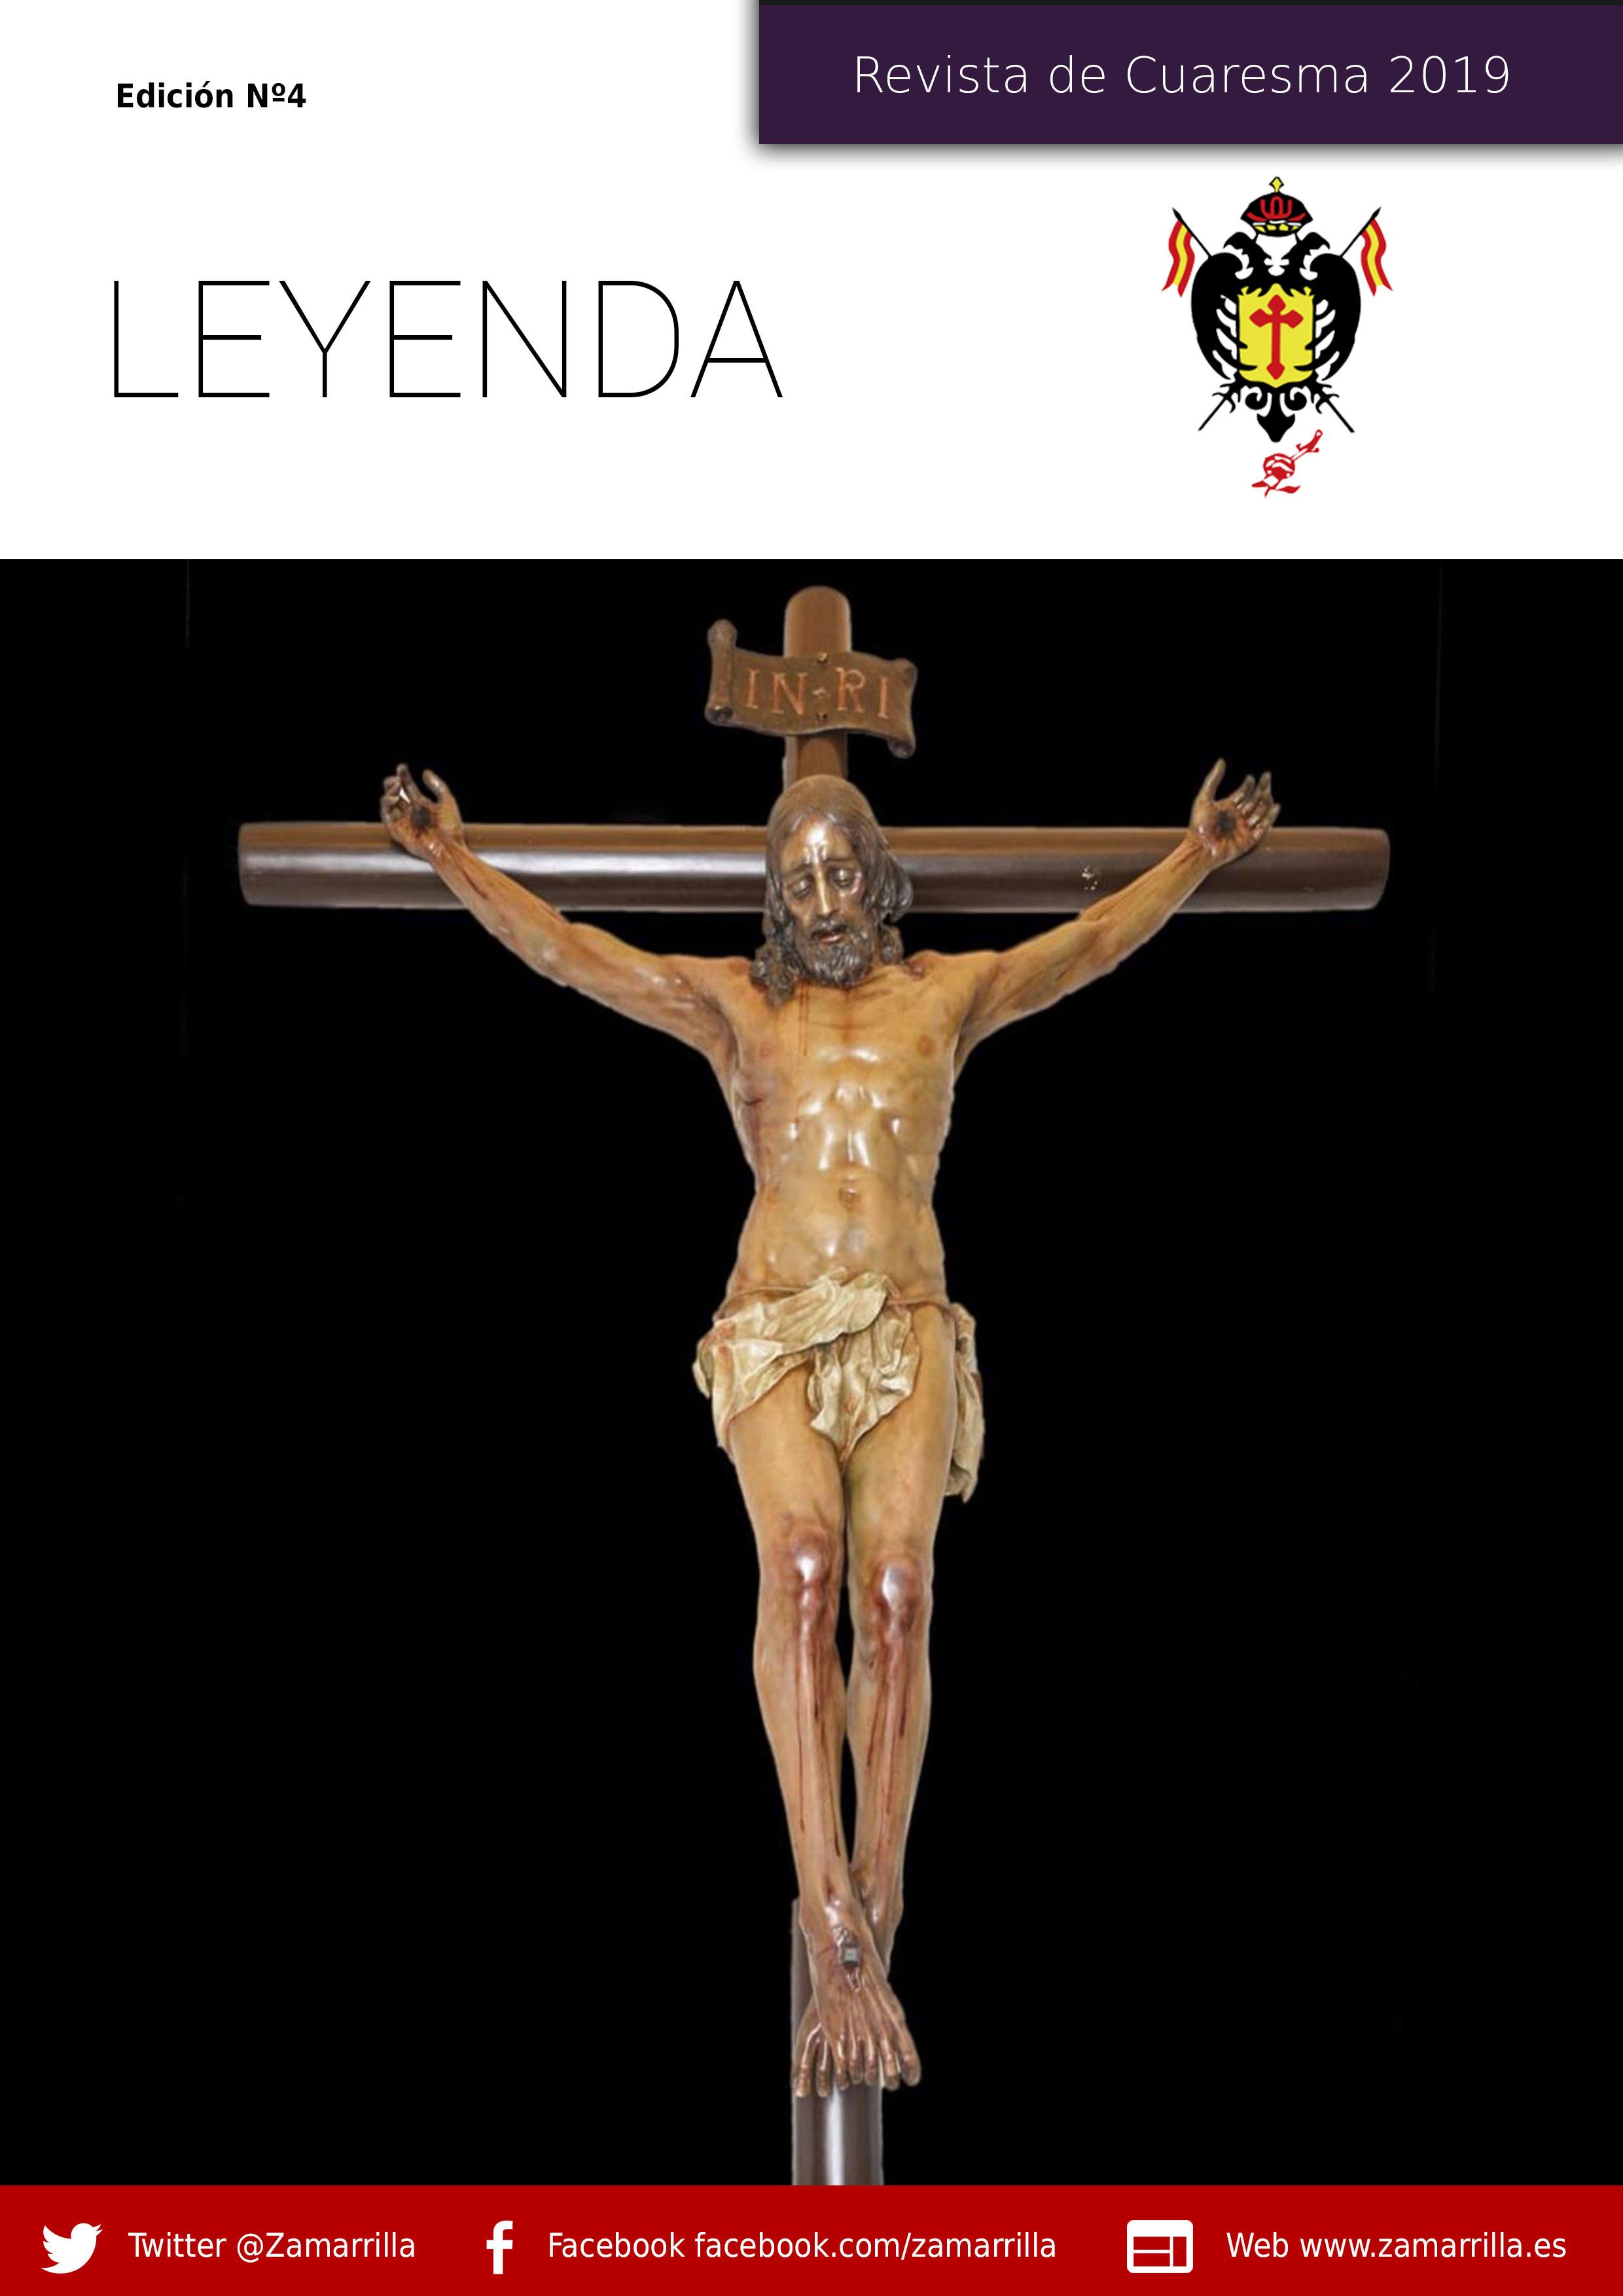 Leyenda – Revista de Cuaresma 2019